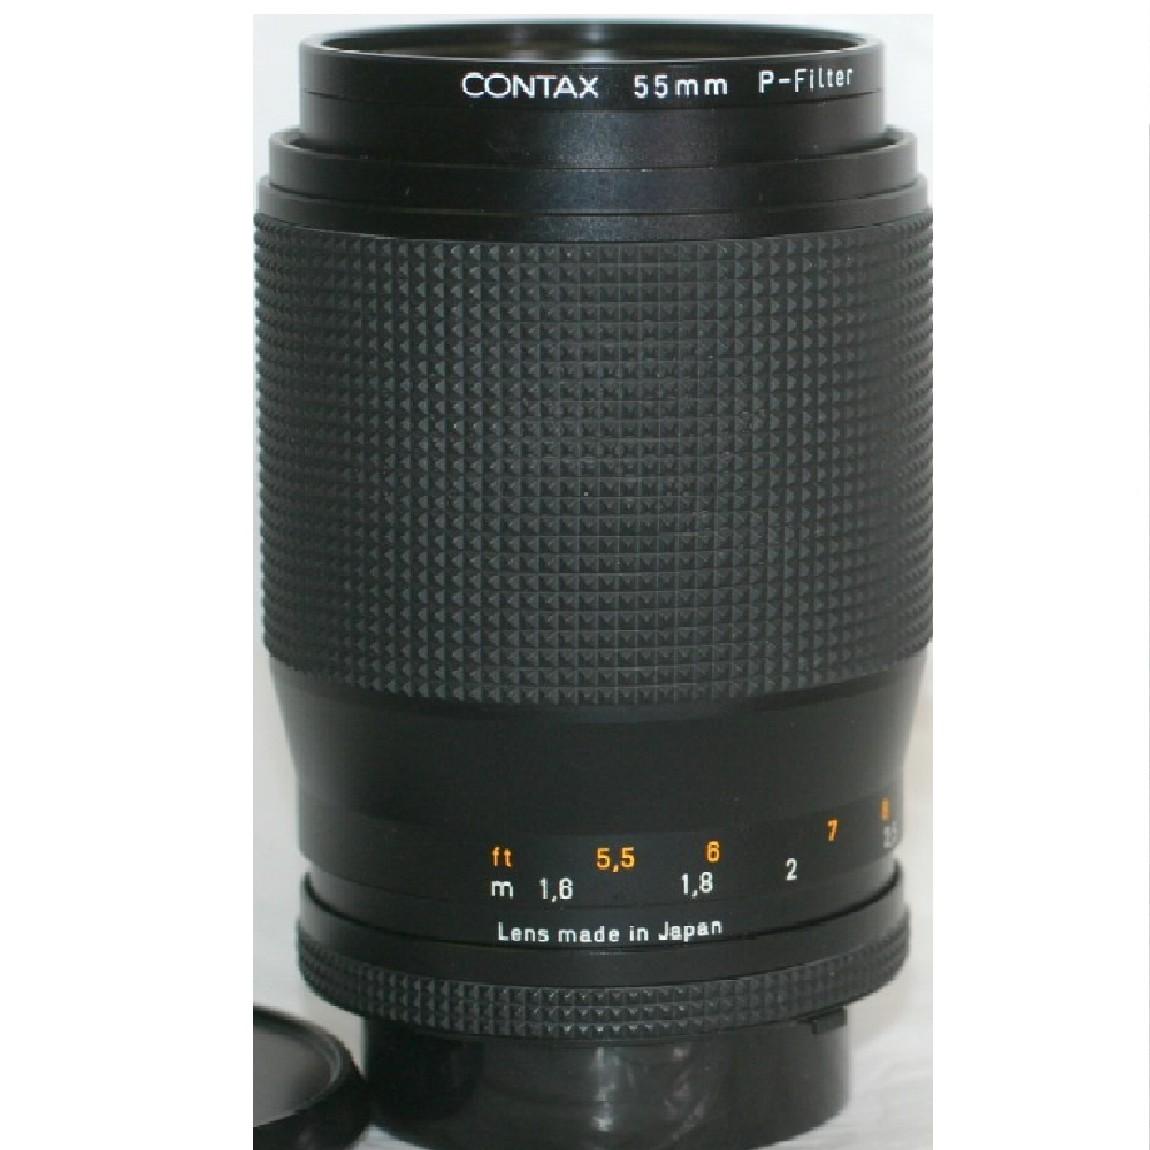 【中古】ほぼ新品コンタックスのCarl ZeiesのレンズSonner135mm/2,8中間・Tレンズ ○F13-19